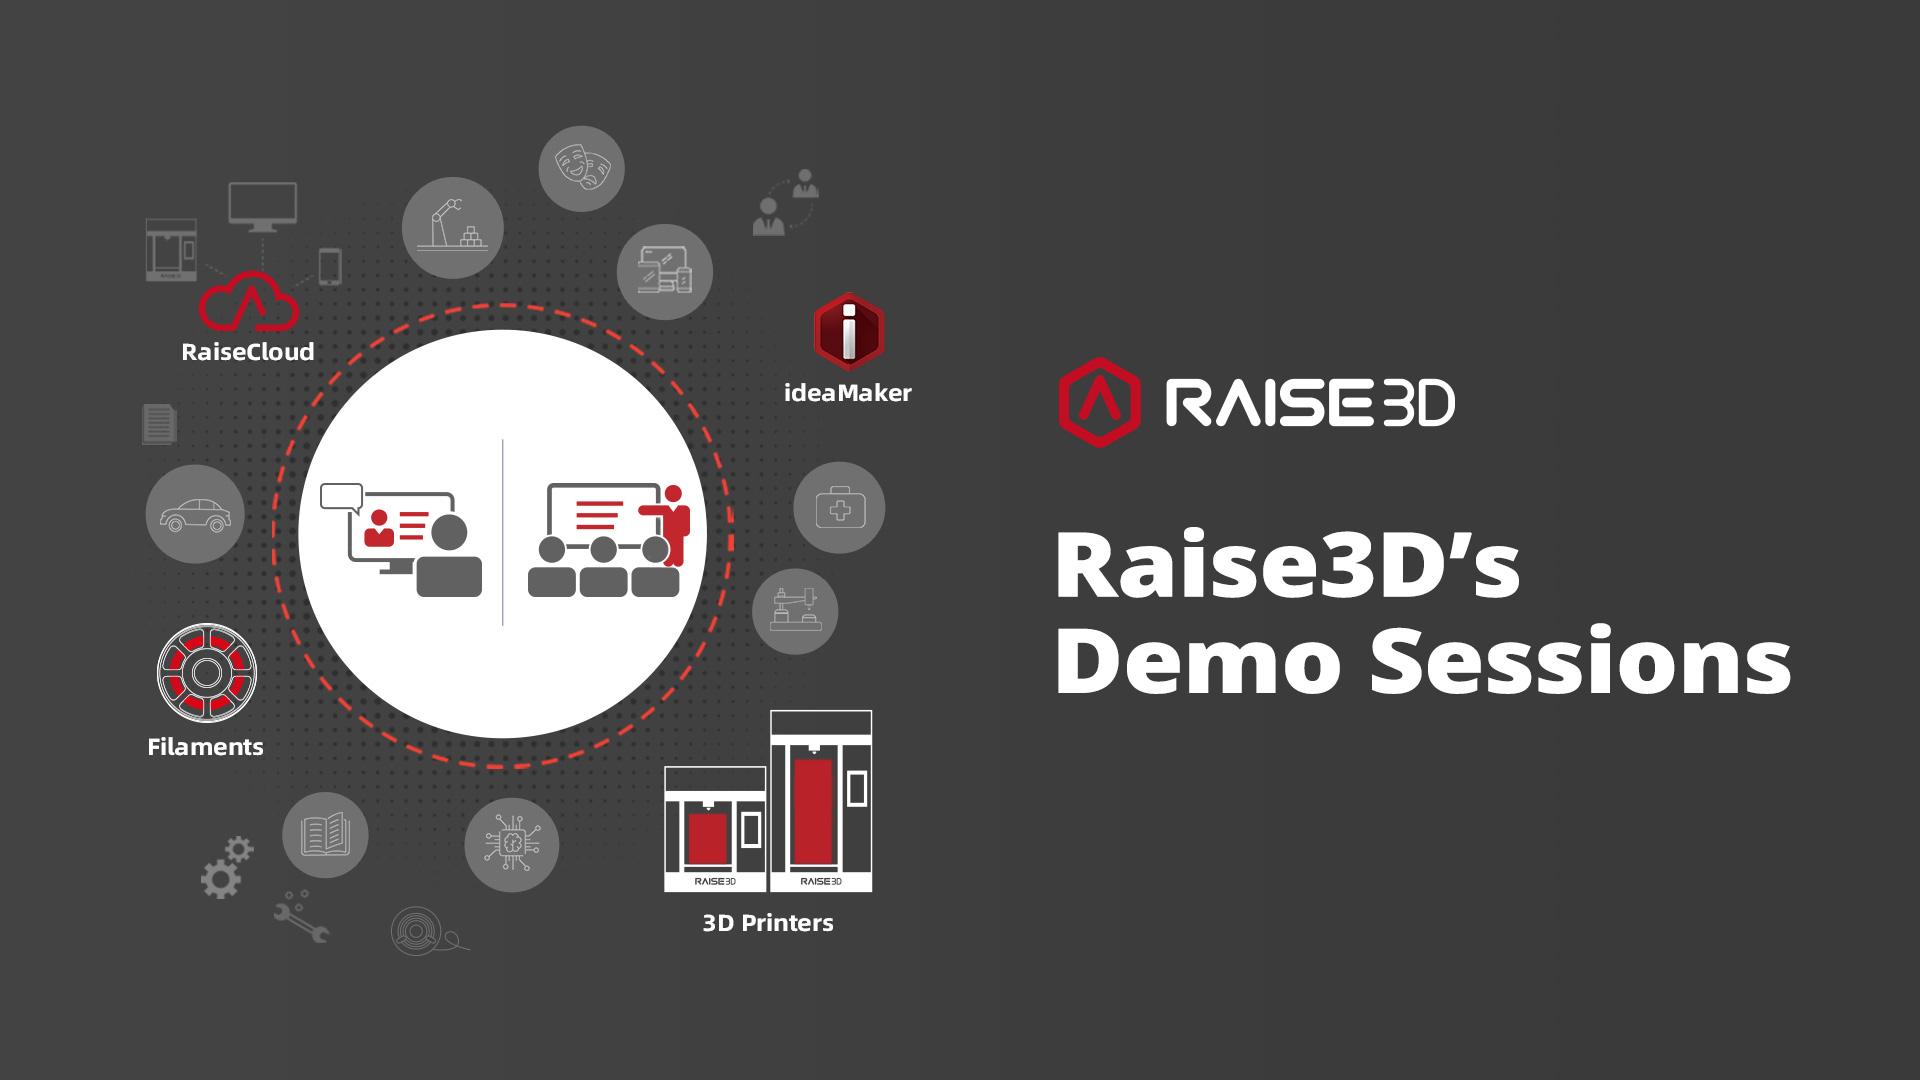 Raise3D's-Demo-Sessions